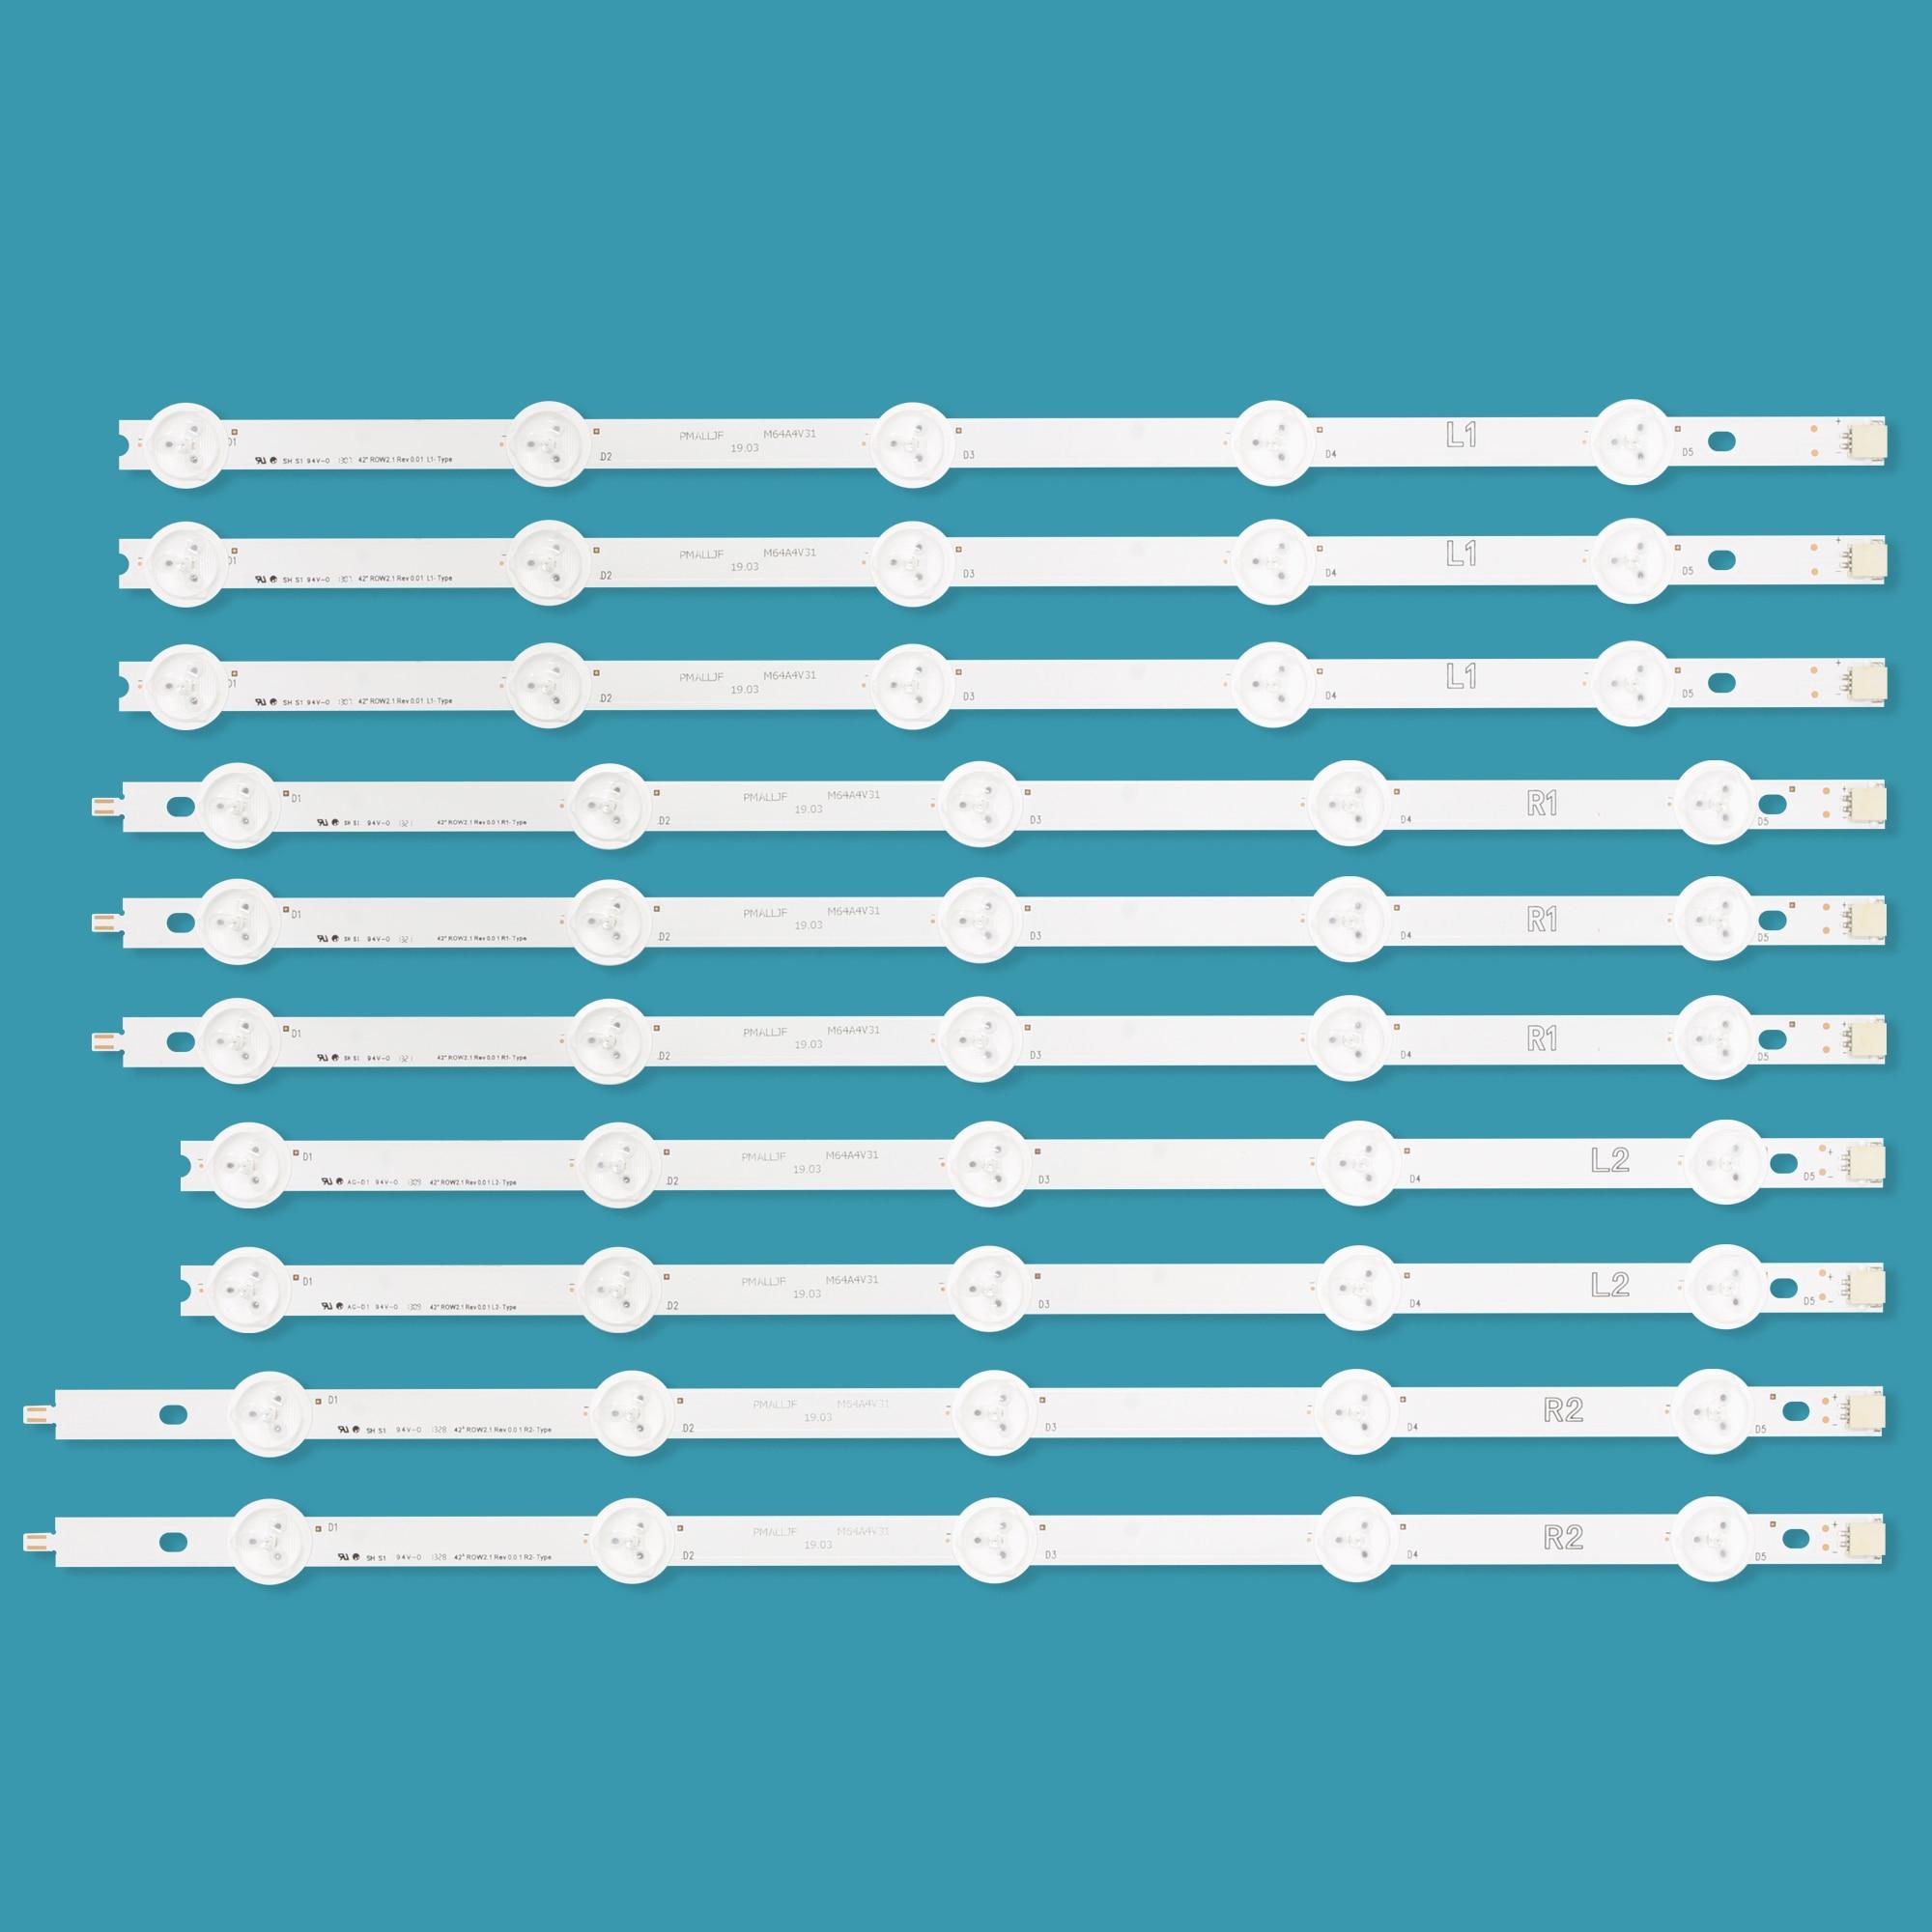 10PCS/lot TV LED Backlight Strip For LG 42LN575S 42LA615V 42LN570S 42LA620V 6916L-1385A/6916L-1386A/6916L-1387A/6916L-1388A